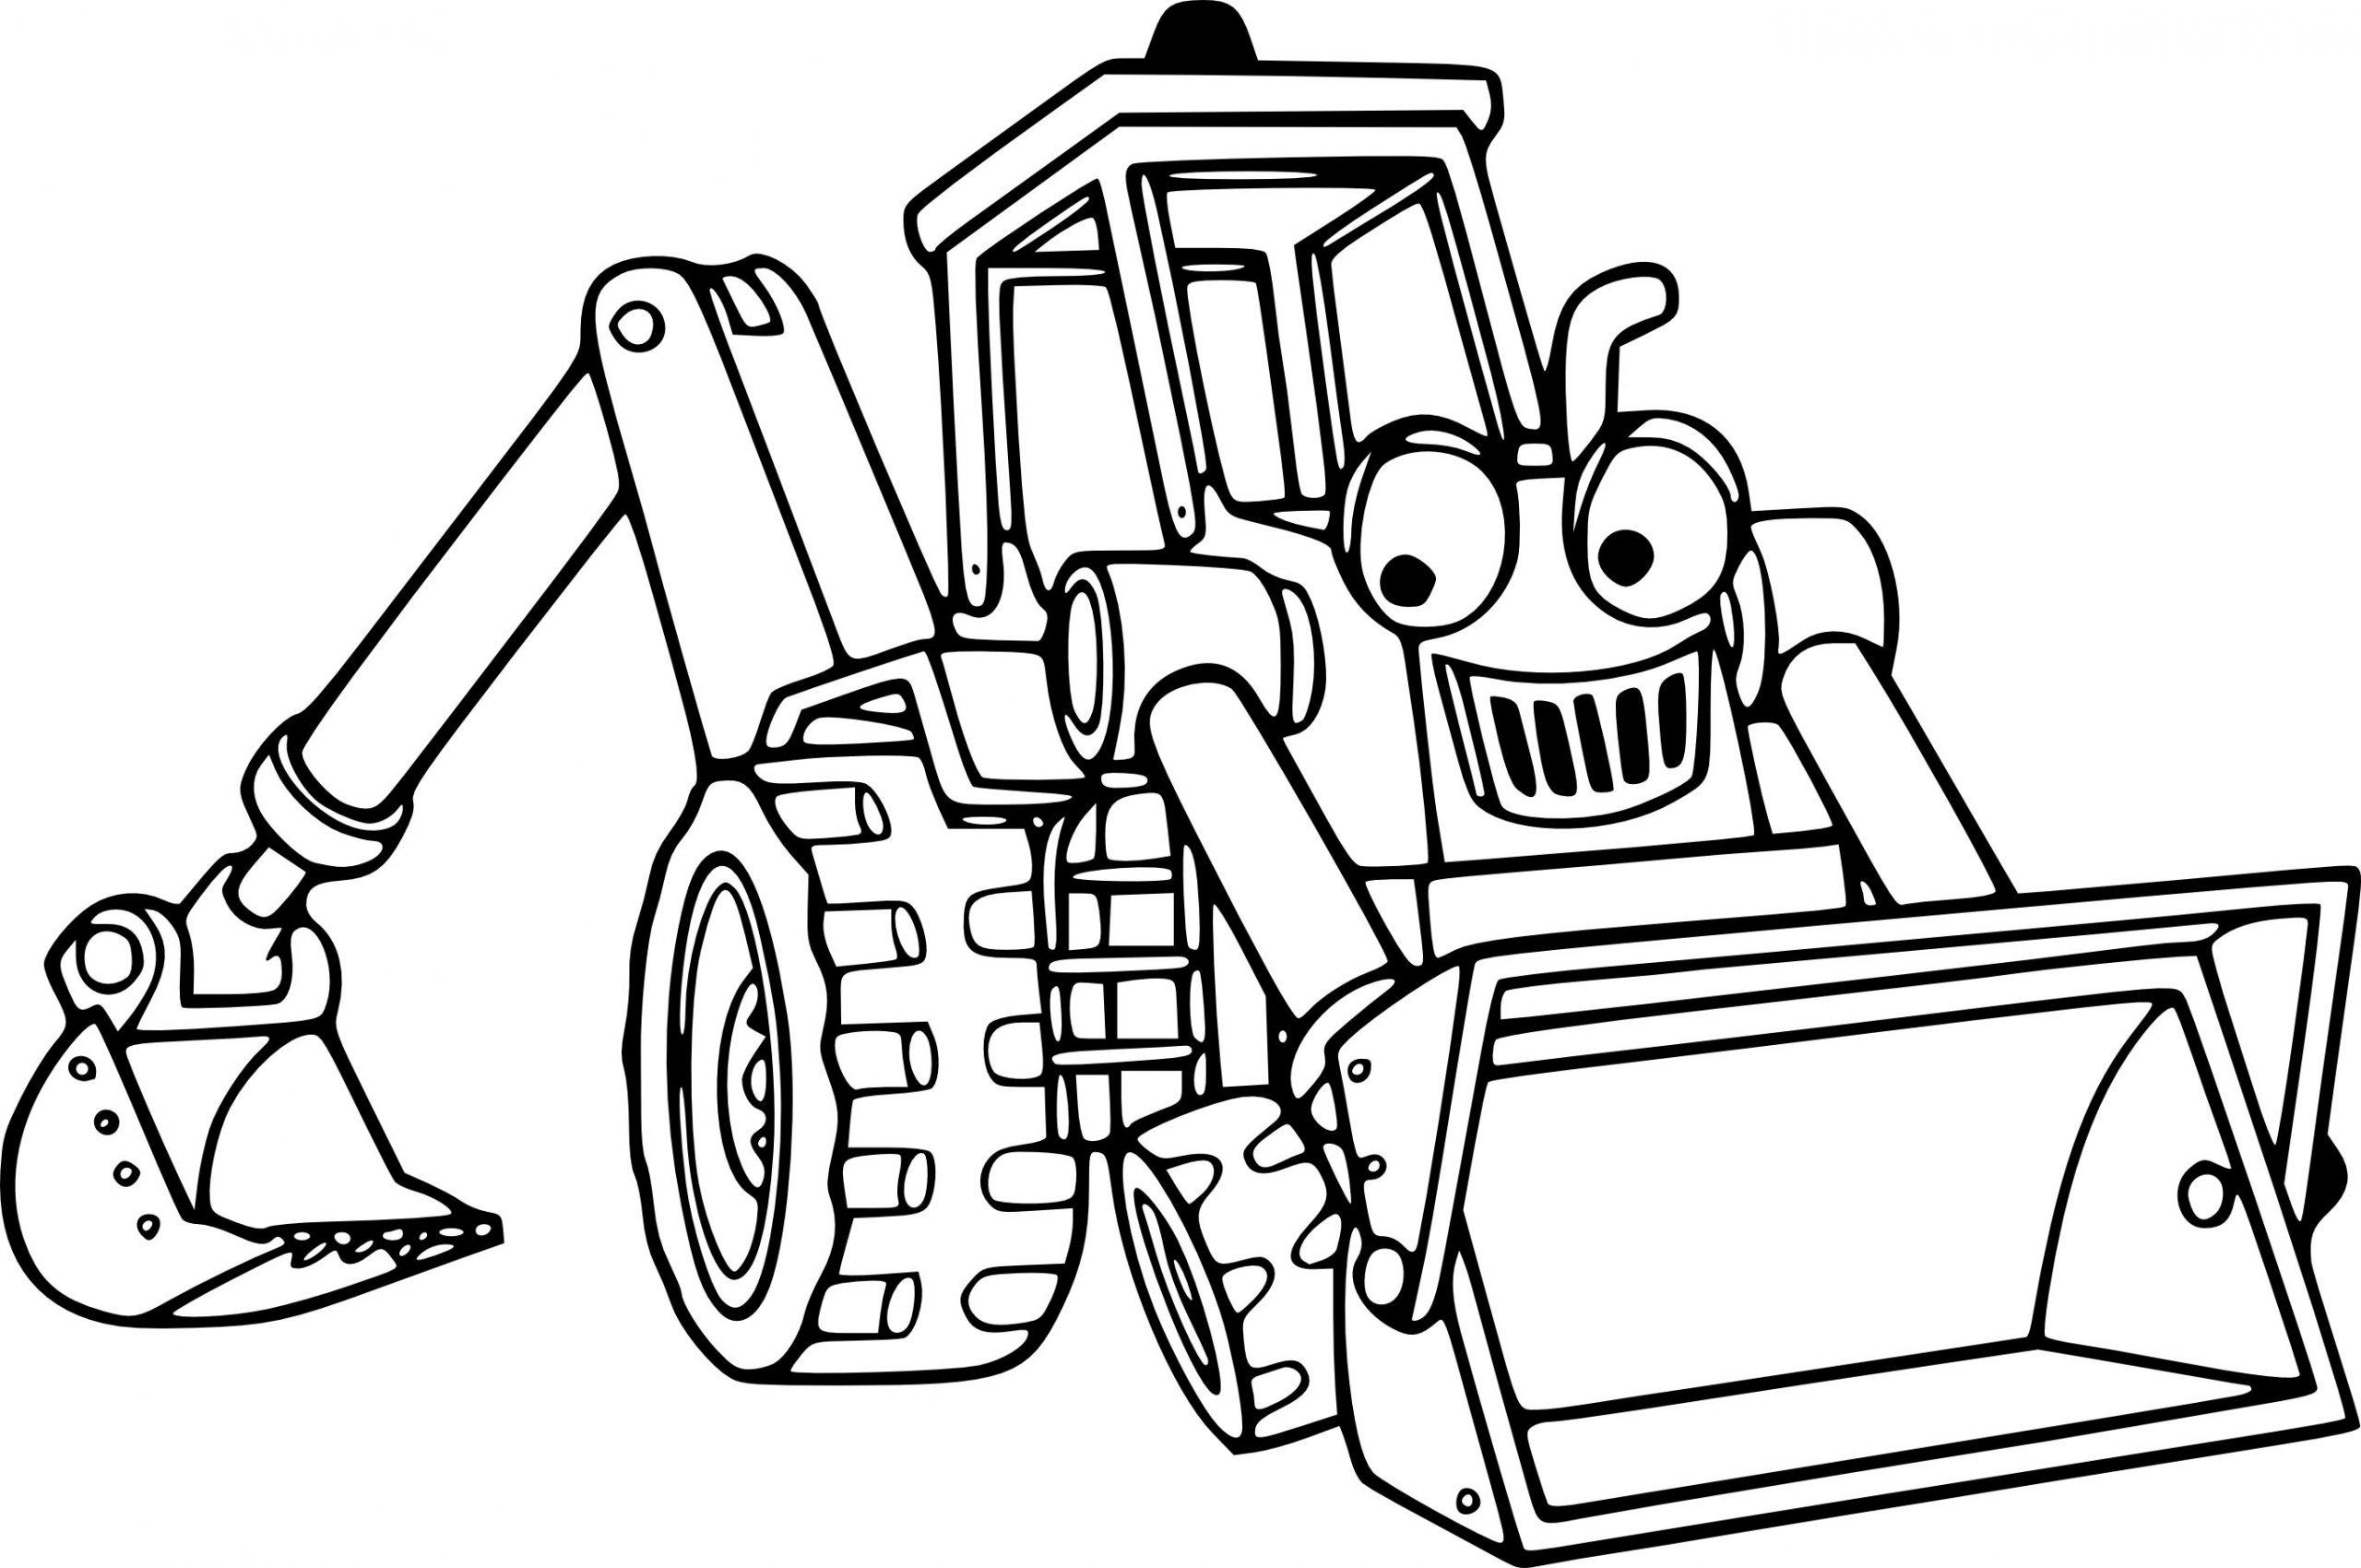 Coloriage Tractopelle Imprimer Coloriage Tracteur Pelle tout Tracteur À Colorier